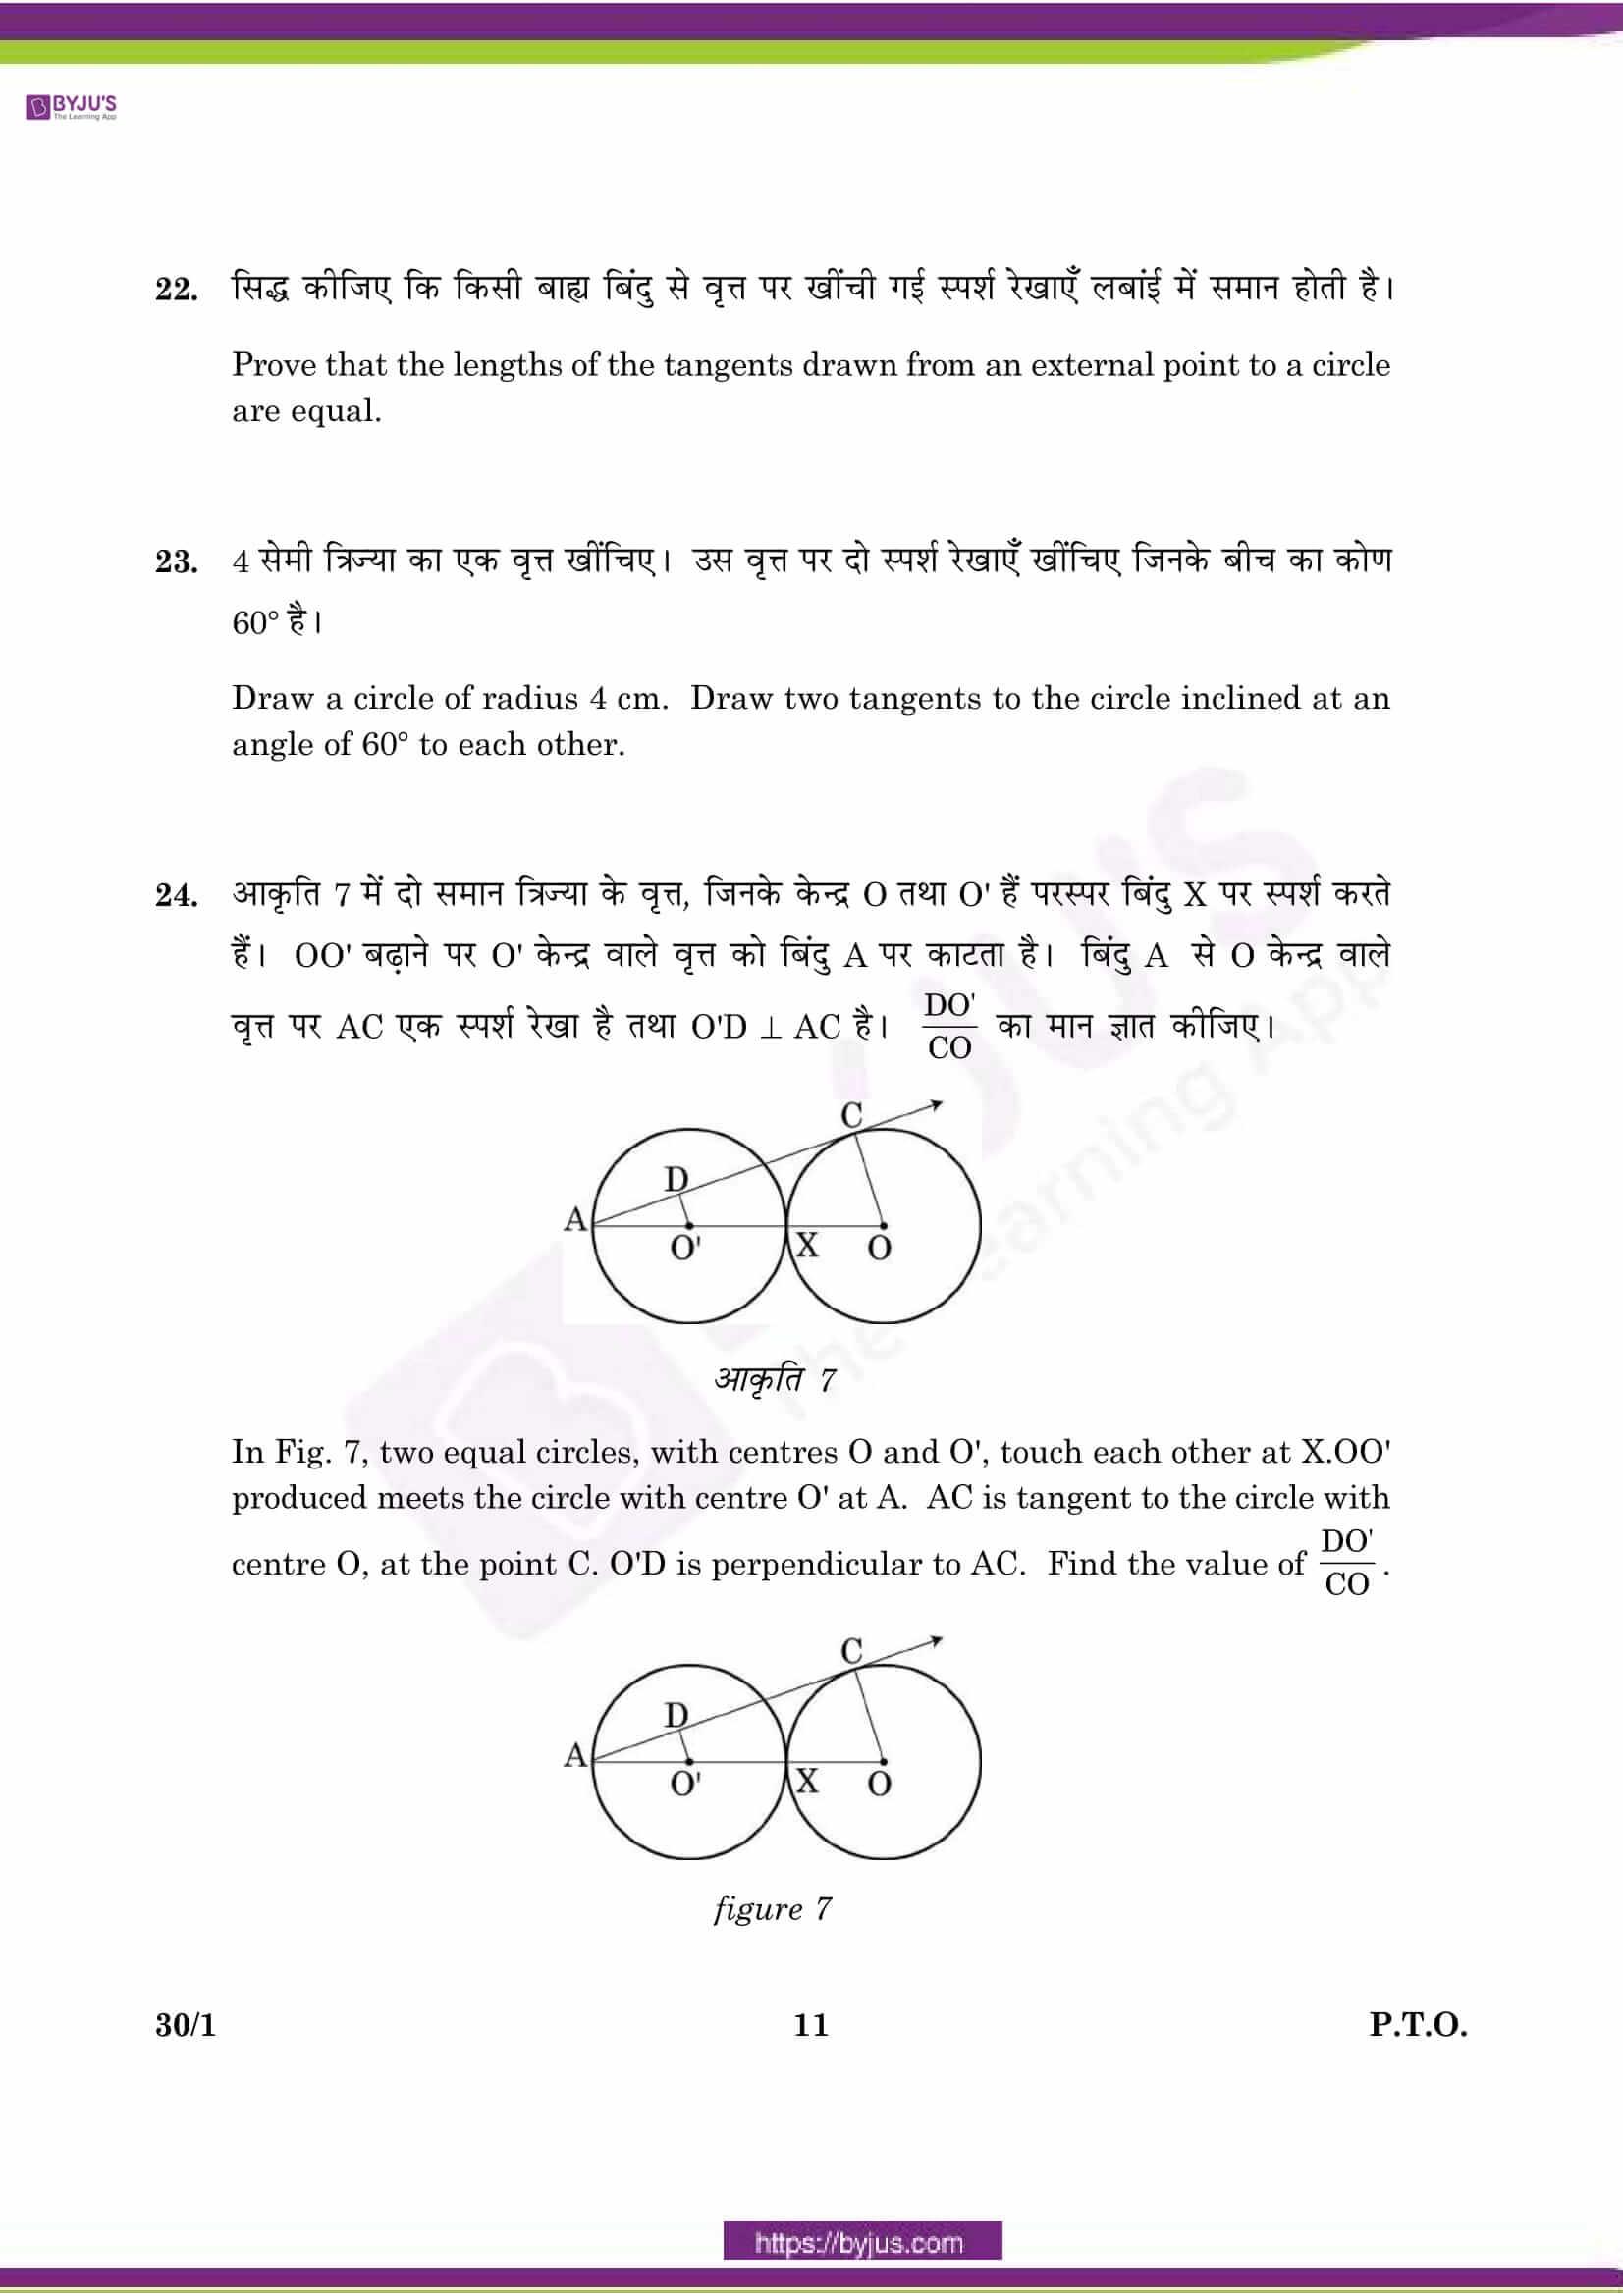 CBSE Class 10 Maths Qs Paper 2016 SA 2 Set 1 11